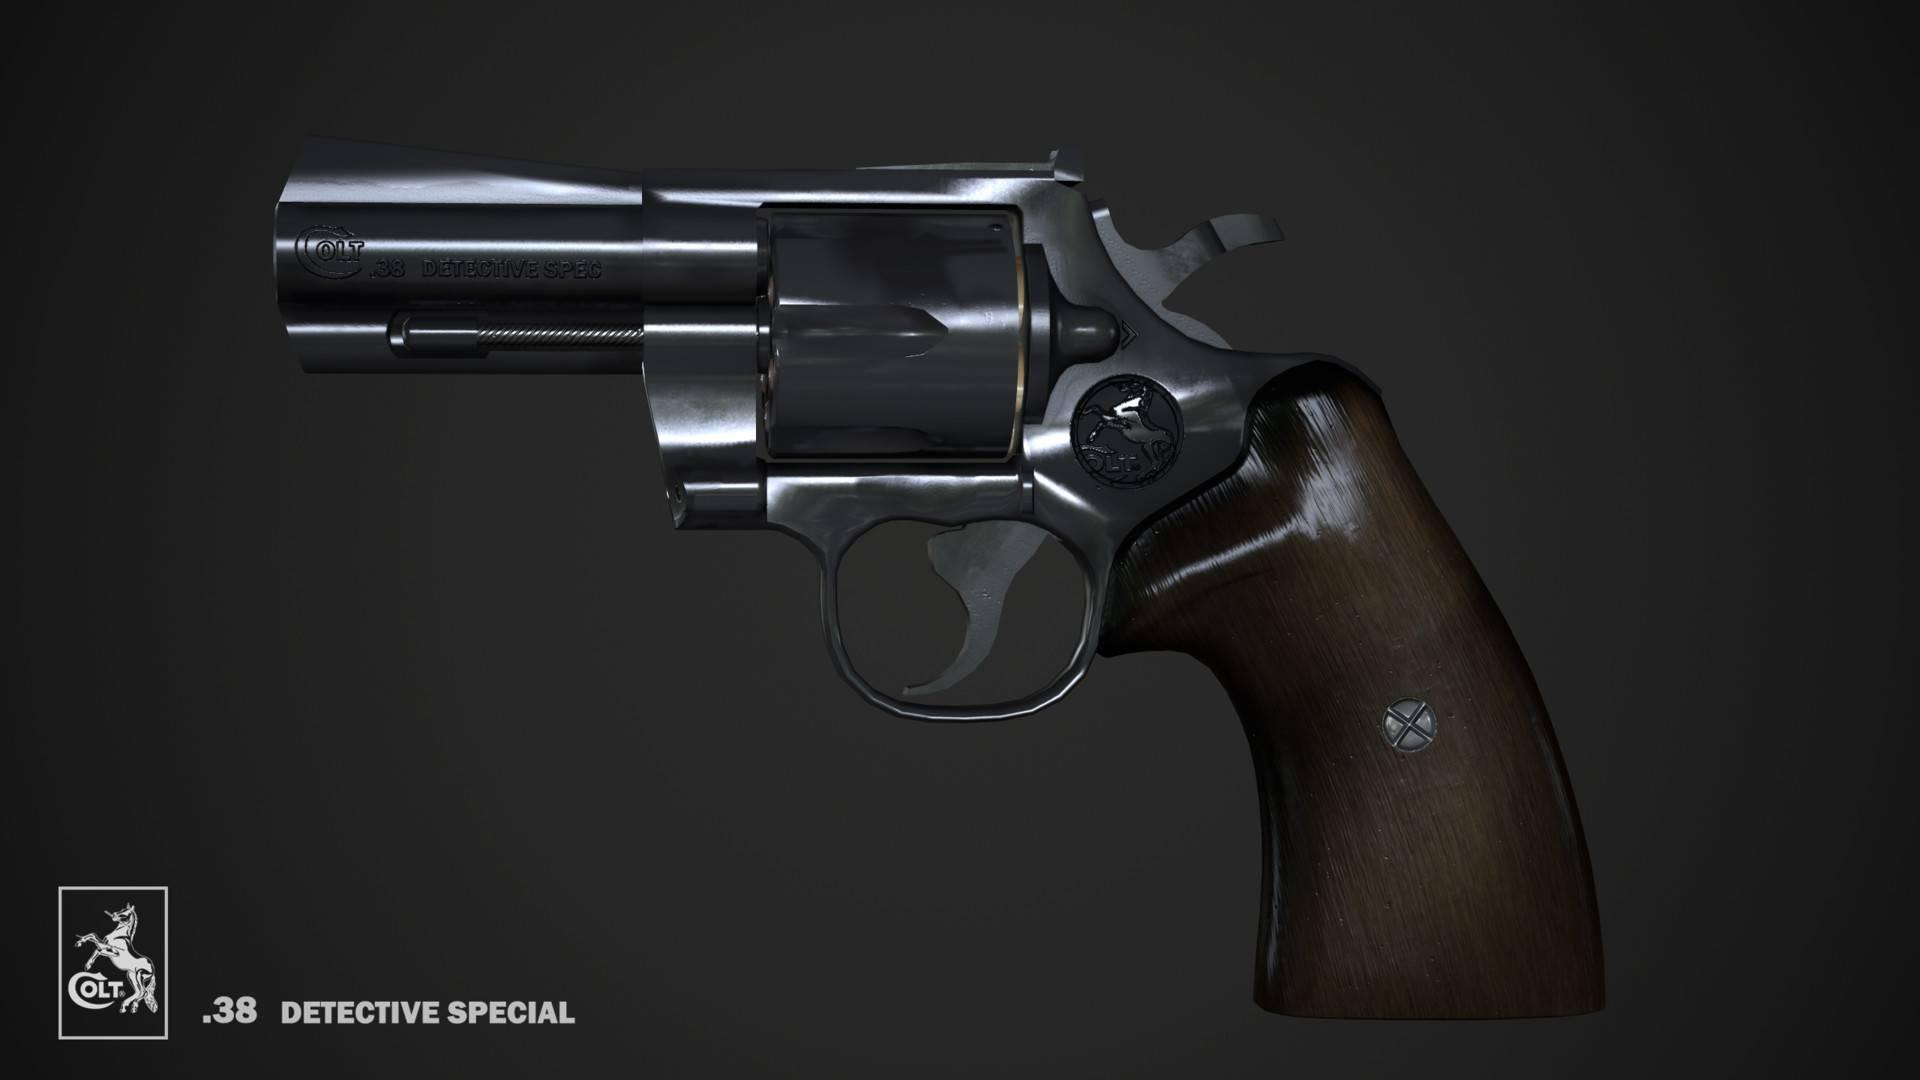 Colt detective special википедия